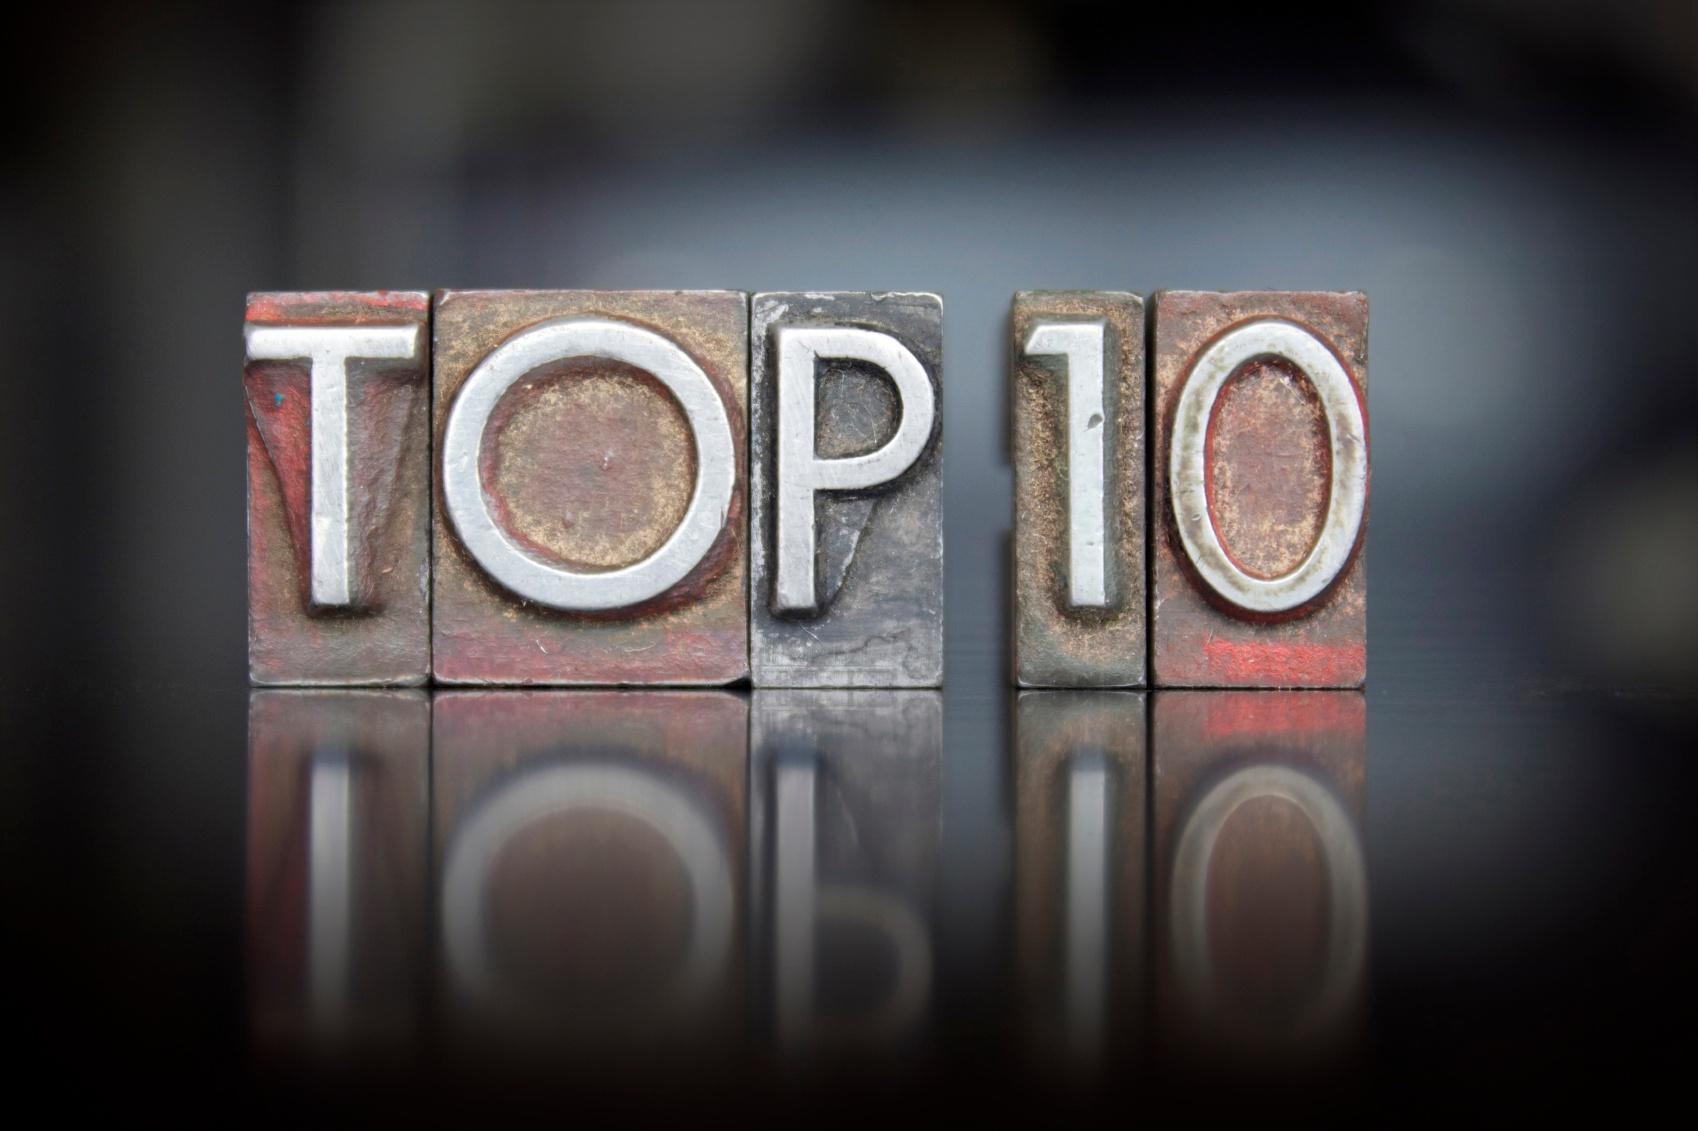 Top_10_Kenco